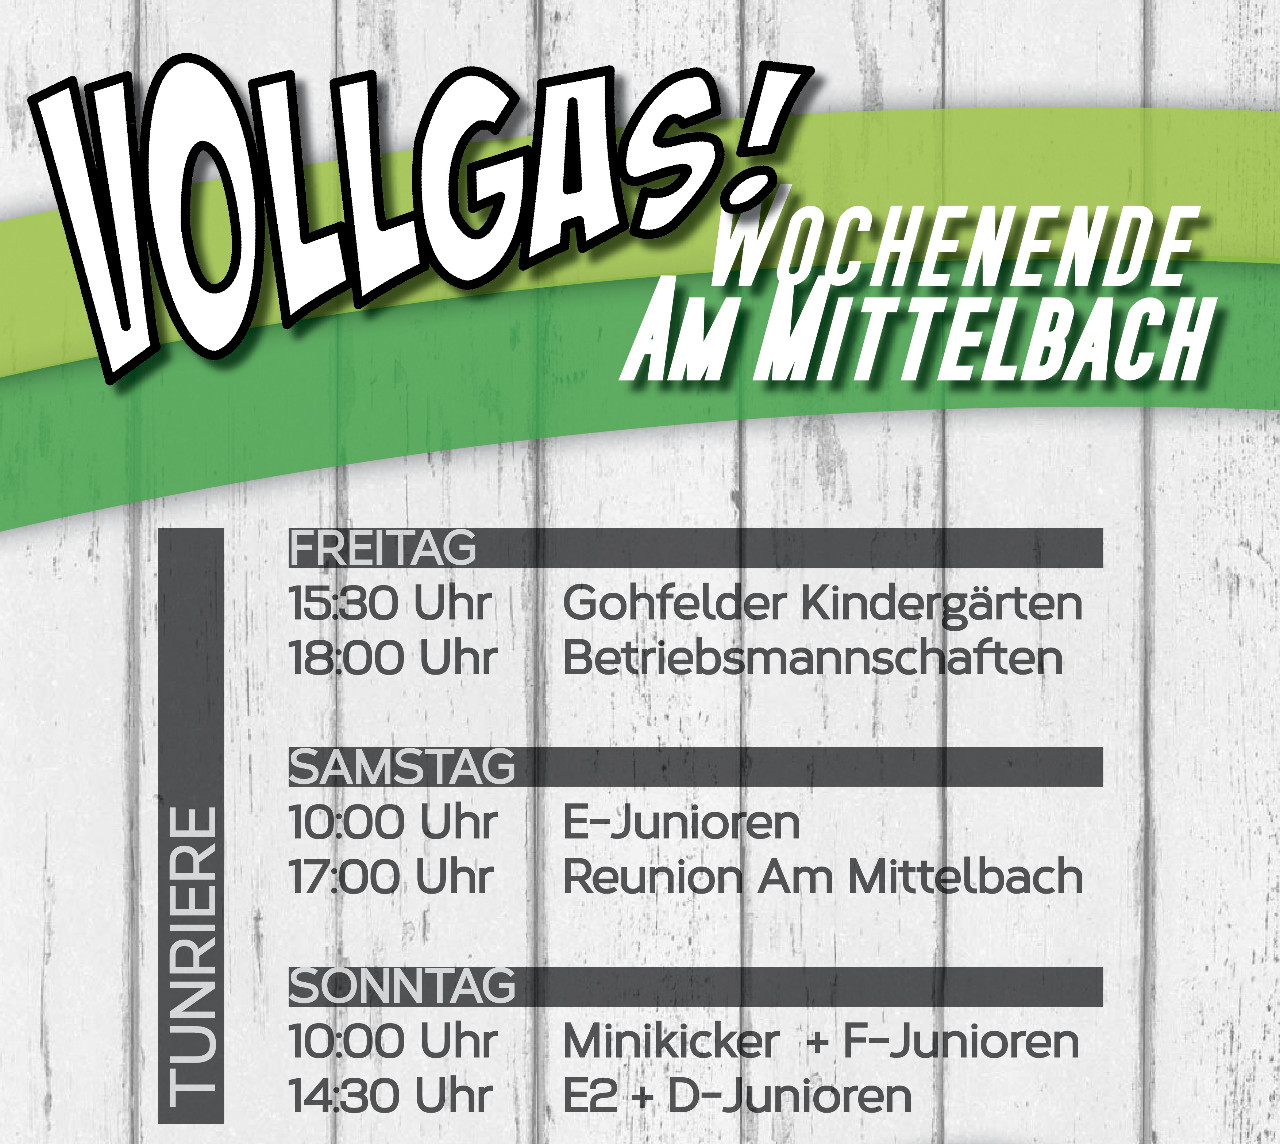 Vollgas-Wochenende Am Mittelbach